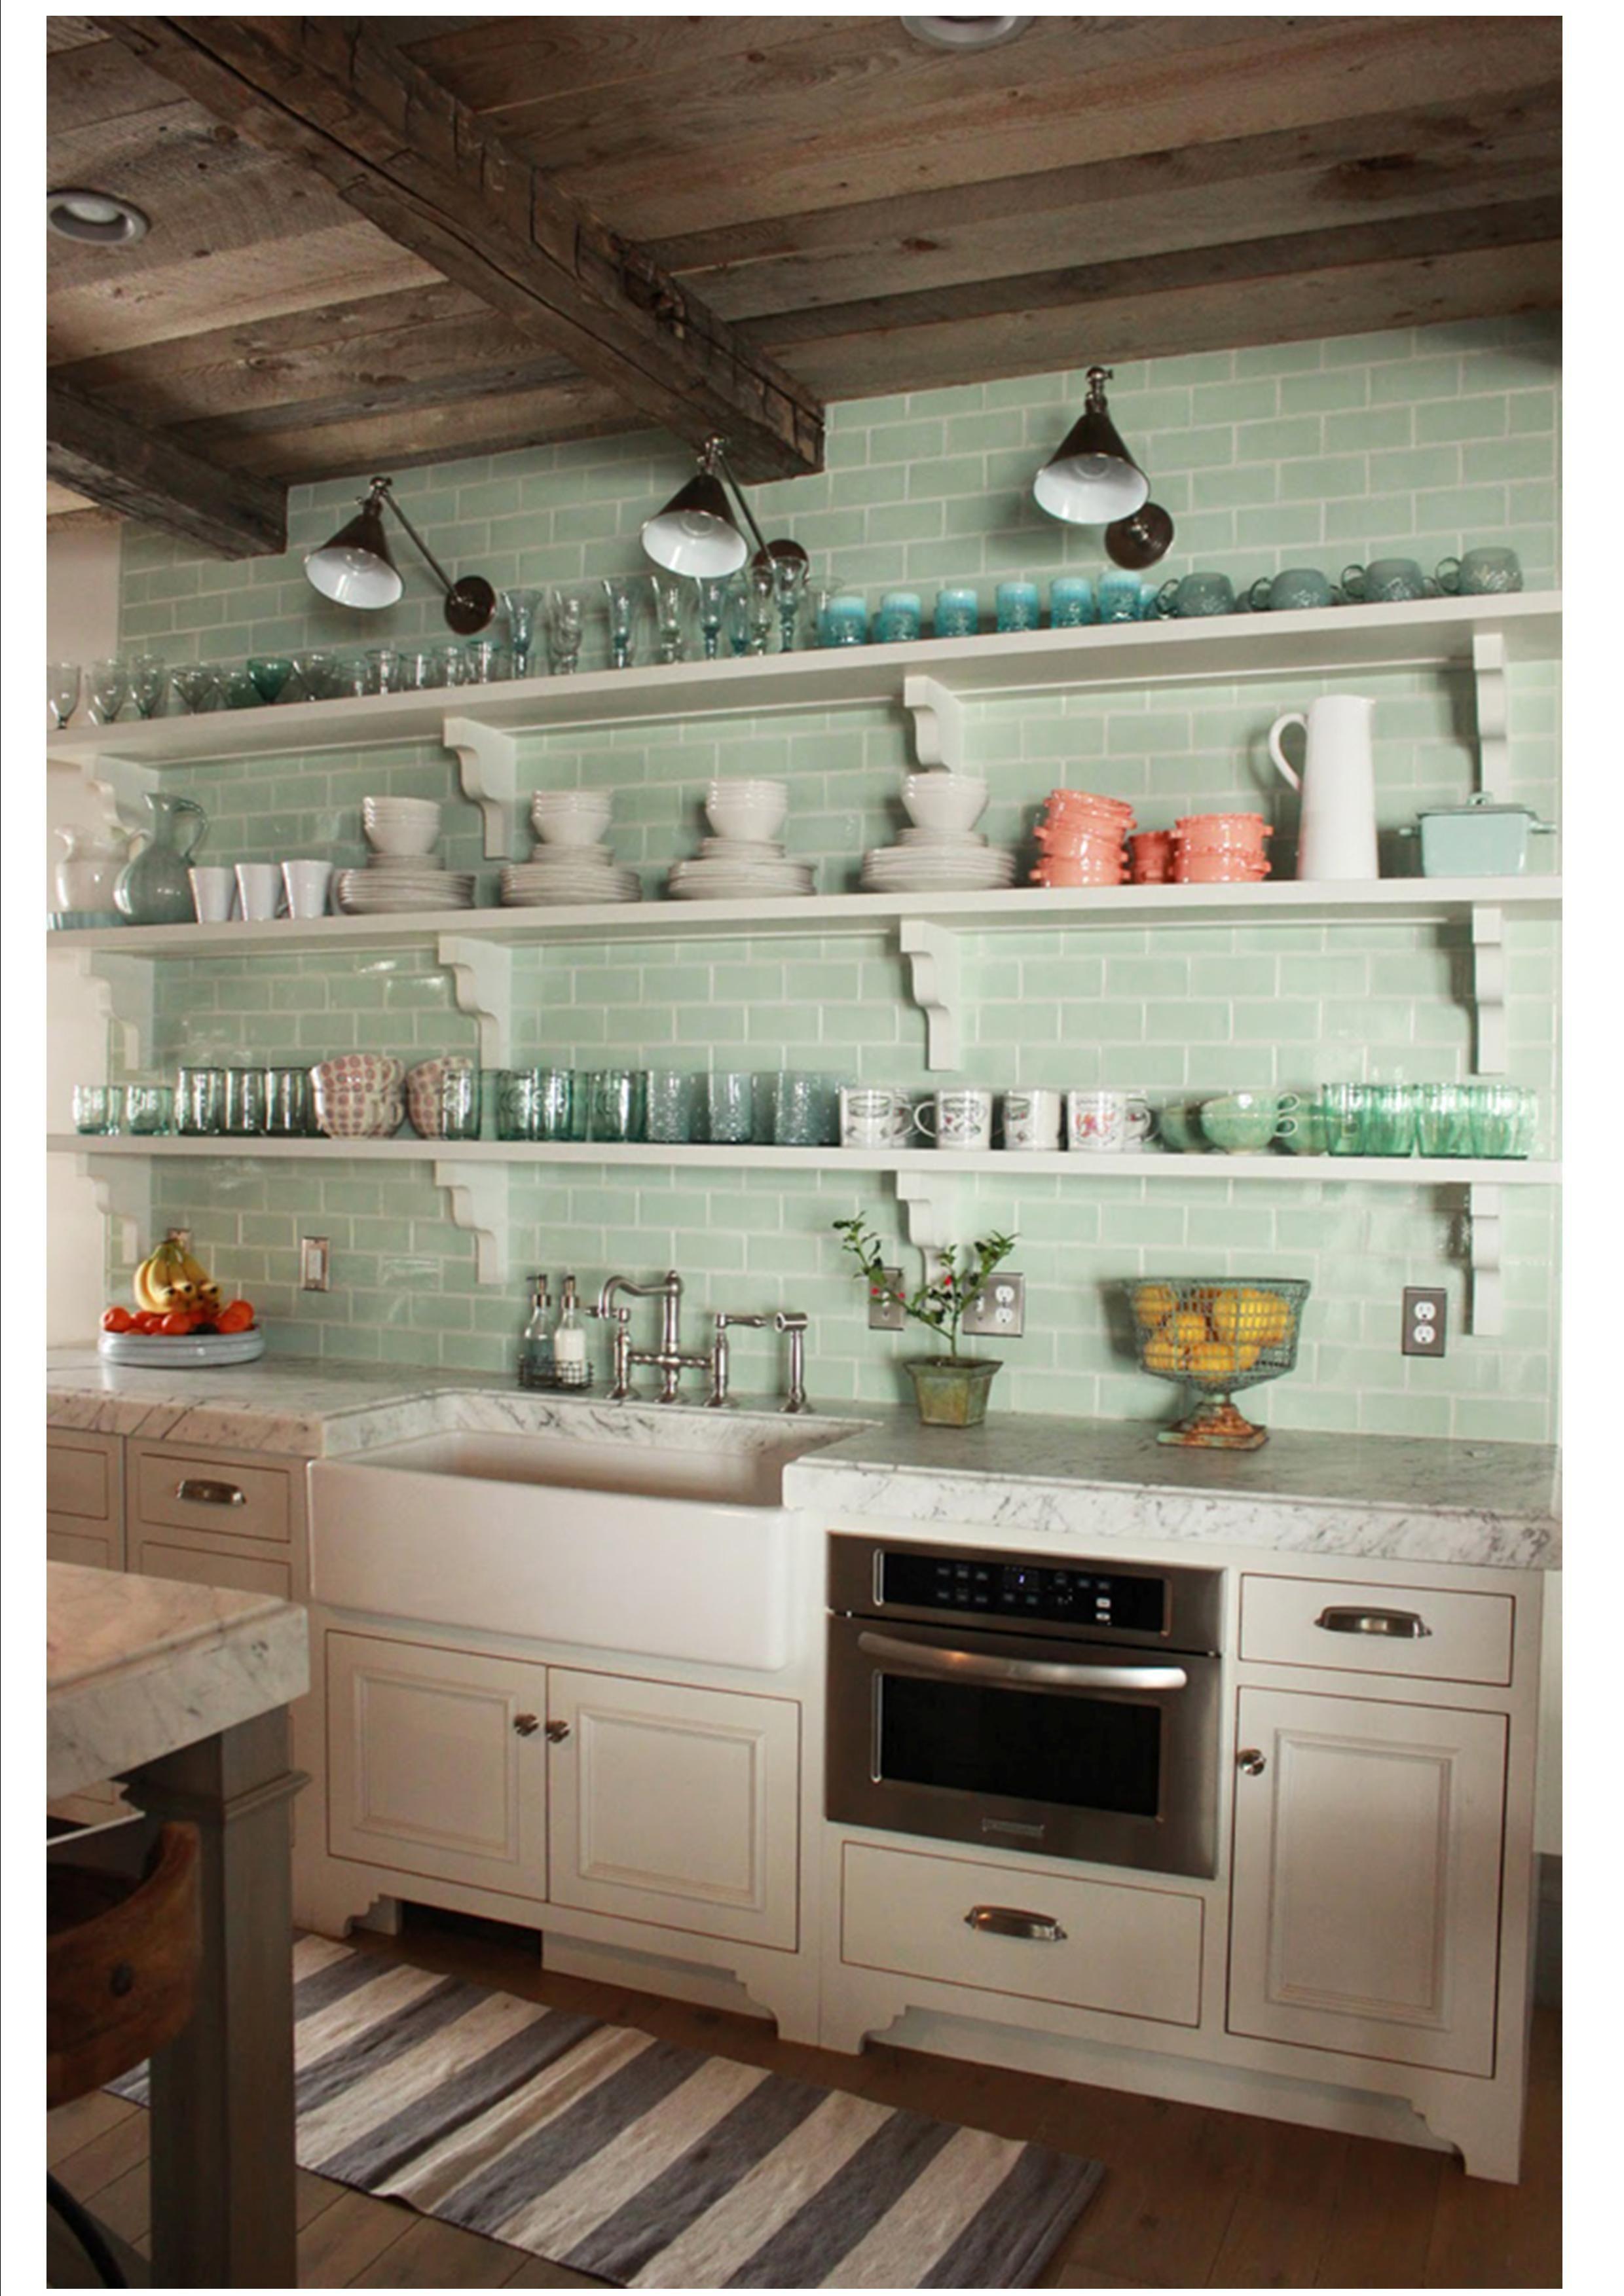 Sea Glass Green Subway Tile Backsplash And Open Shelves So Pretty